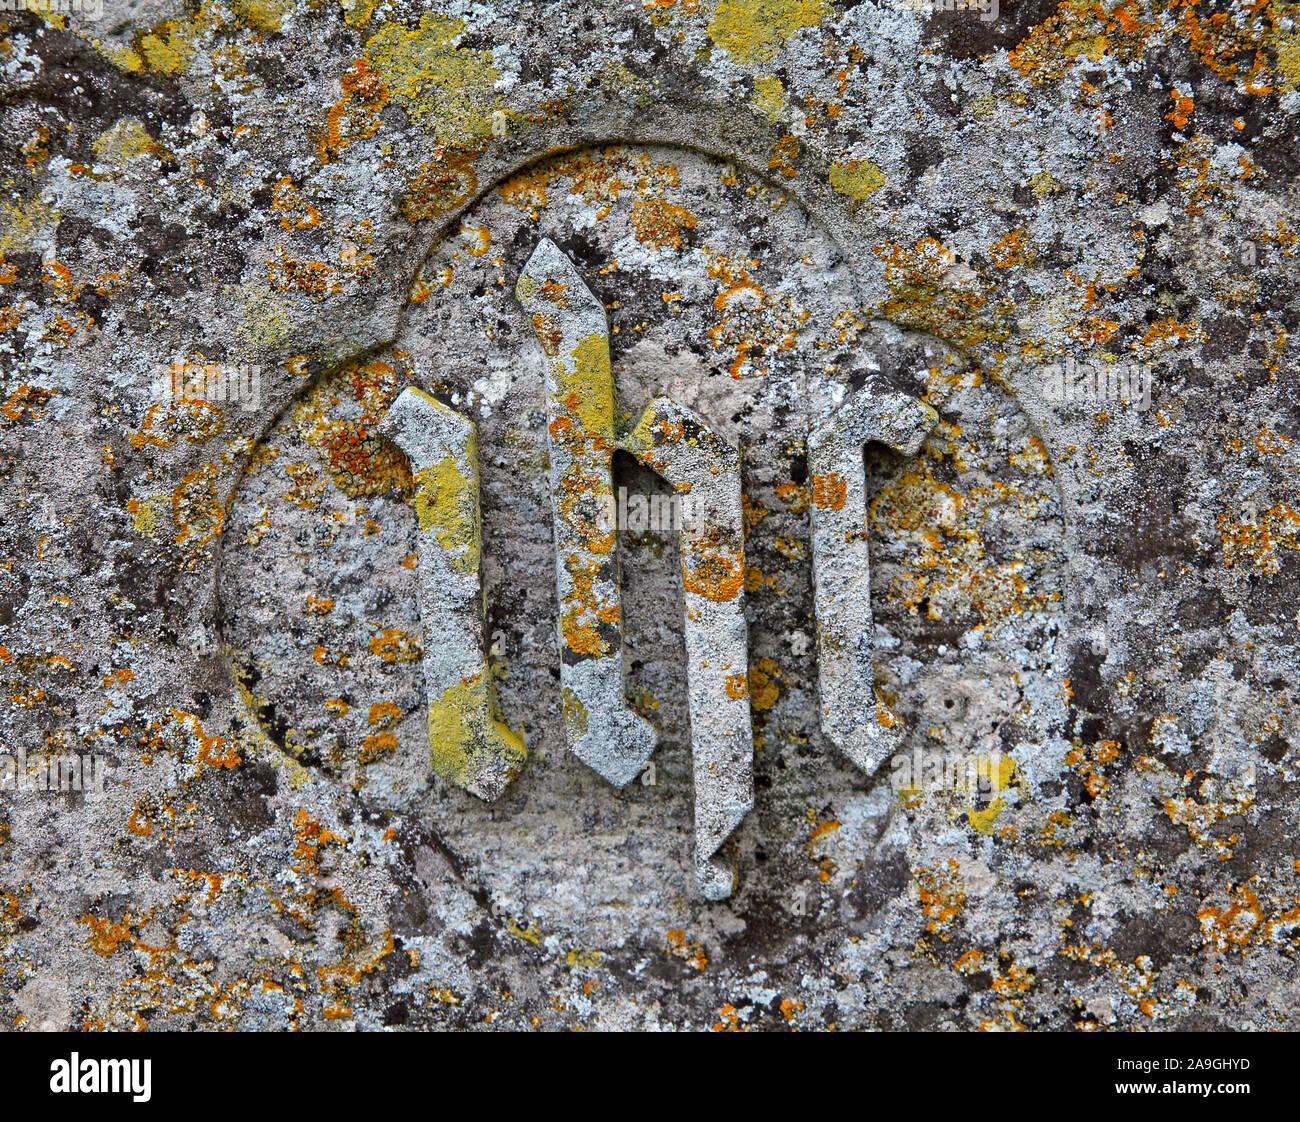 Dieses Stockfoto: Grabstein graviert mit IHS-Initialen oder ein Symbol, das die griechischen Zusammenziehung von Jesus, St. Maria, der Jungfrau, Wanstead - 2A9GHY